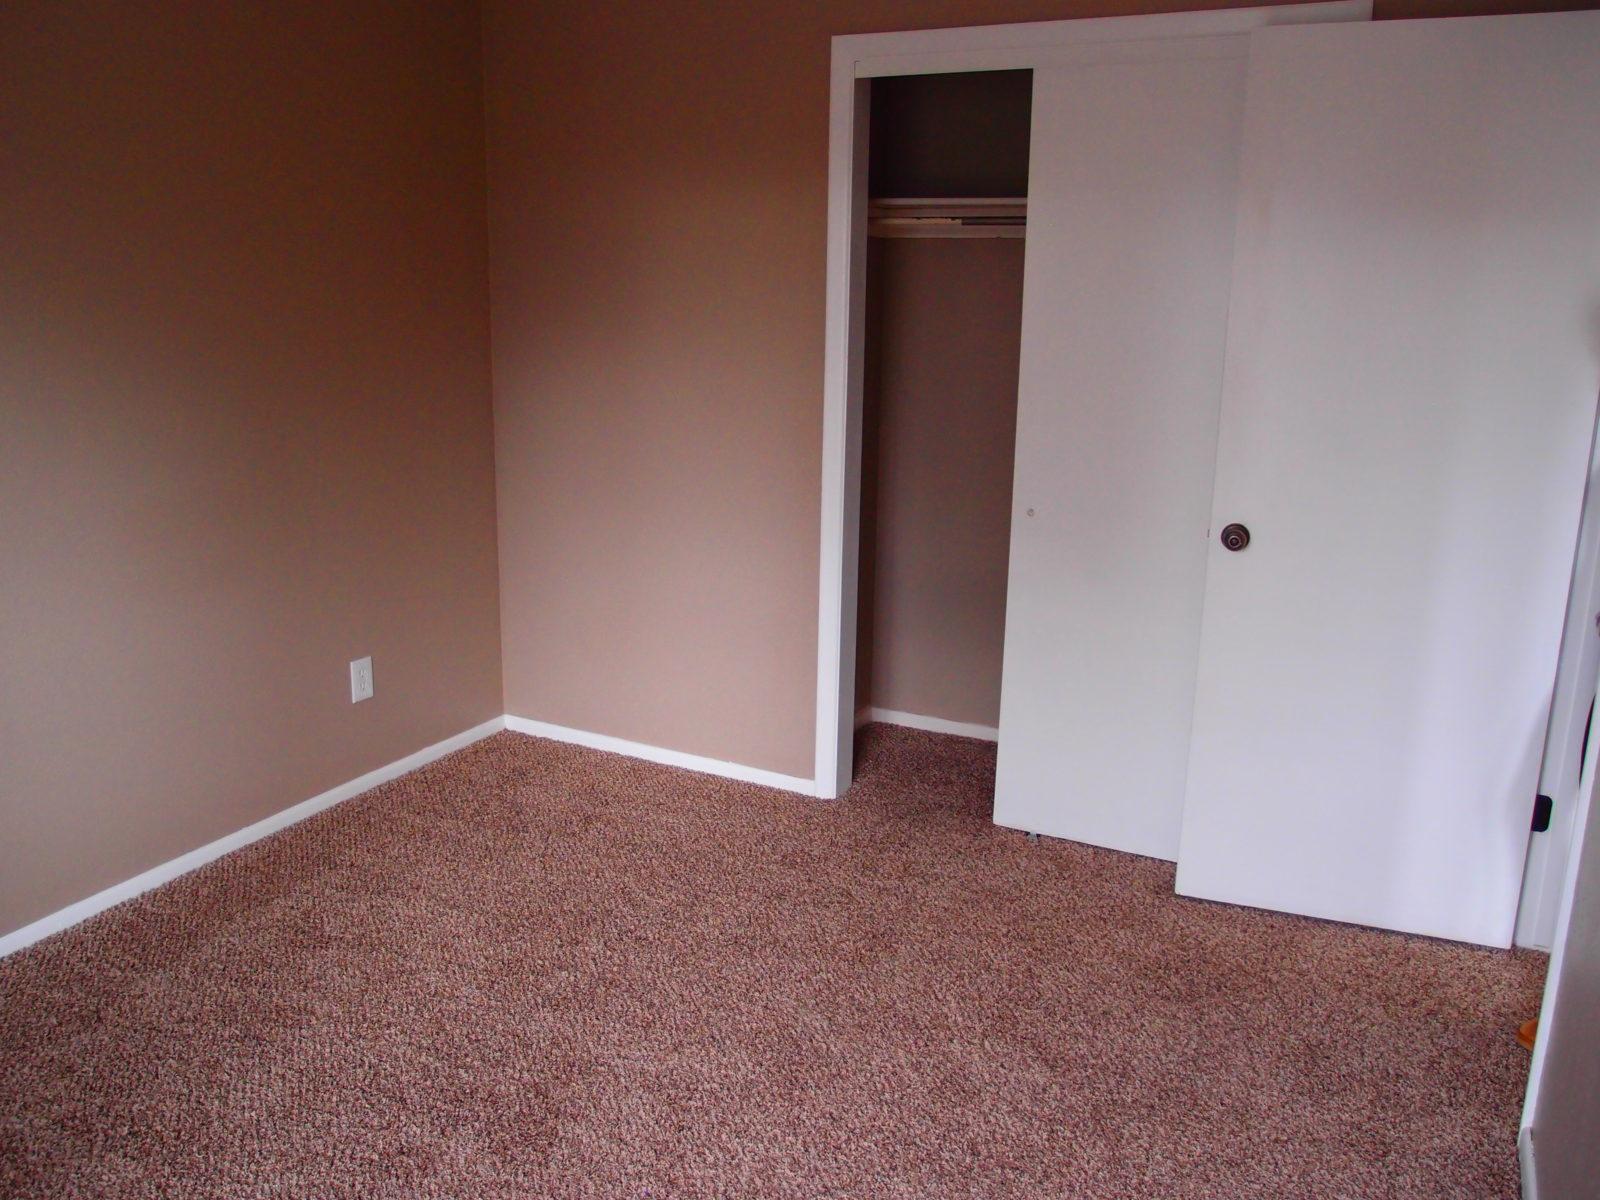 231 bed 2 closet